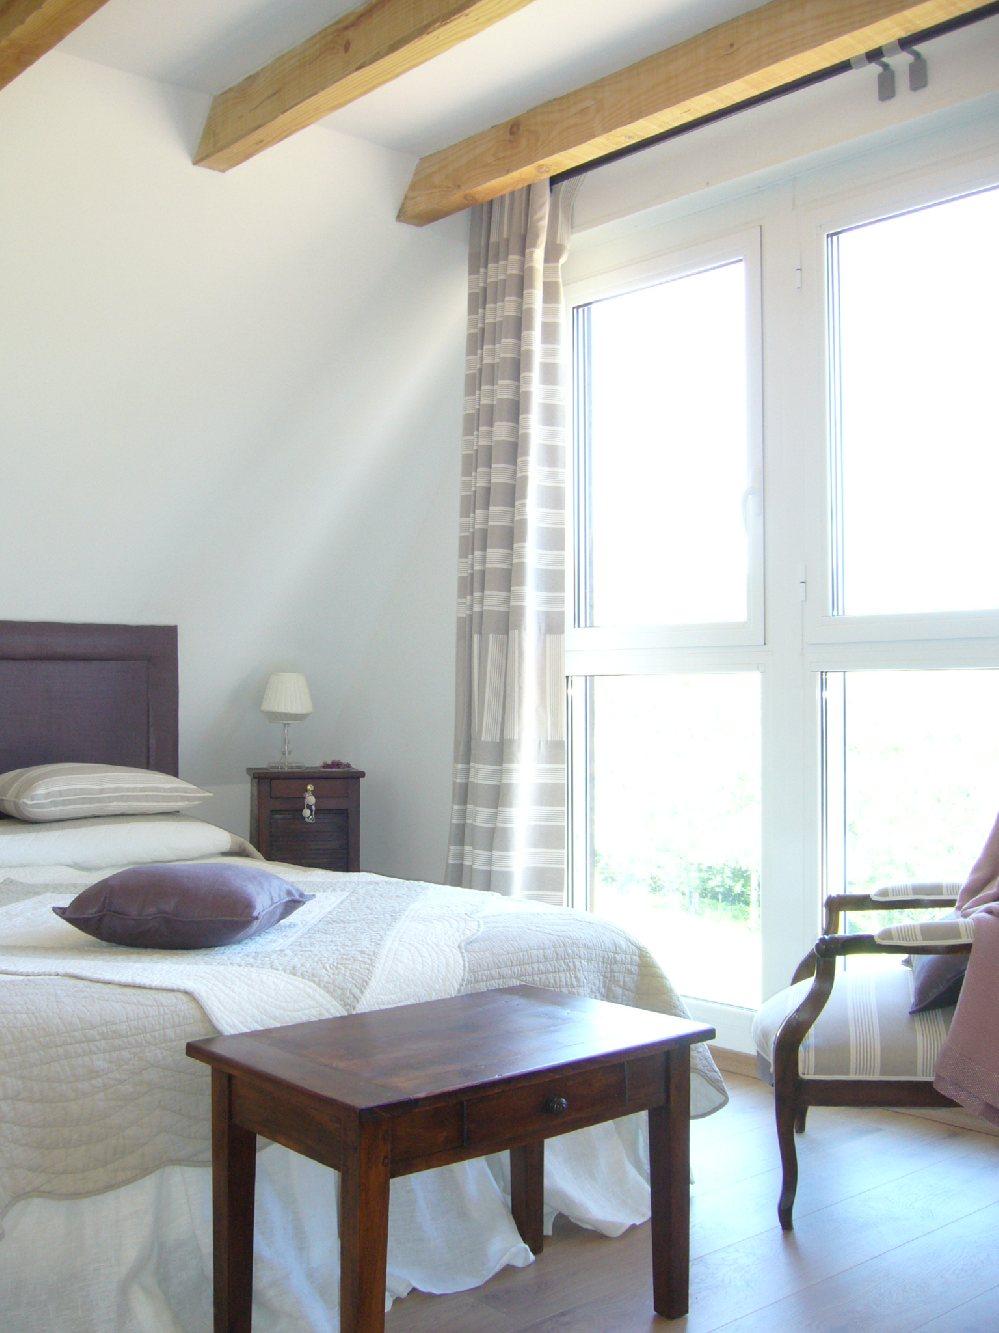 Le ponsonnet conques en rouergue chambre d 39 h tes tourisme aveyron - Chambre d hote en aveyron ...